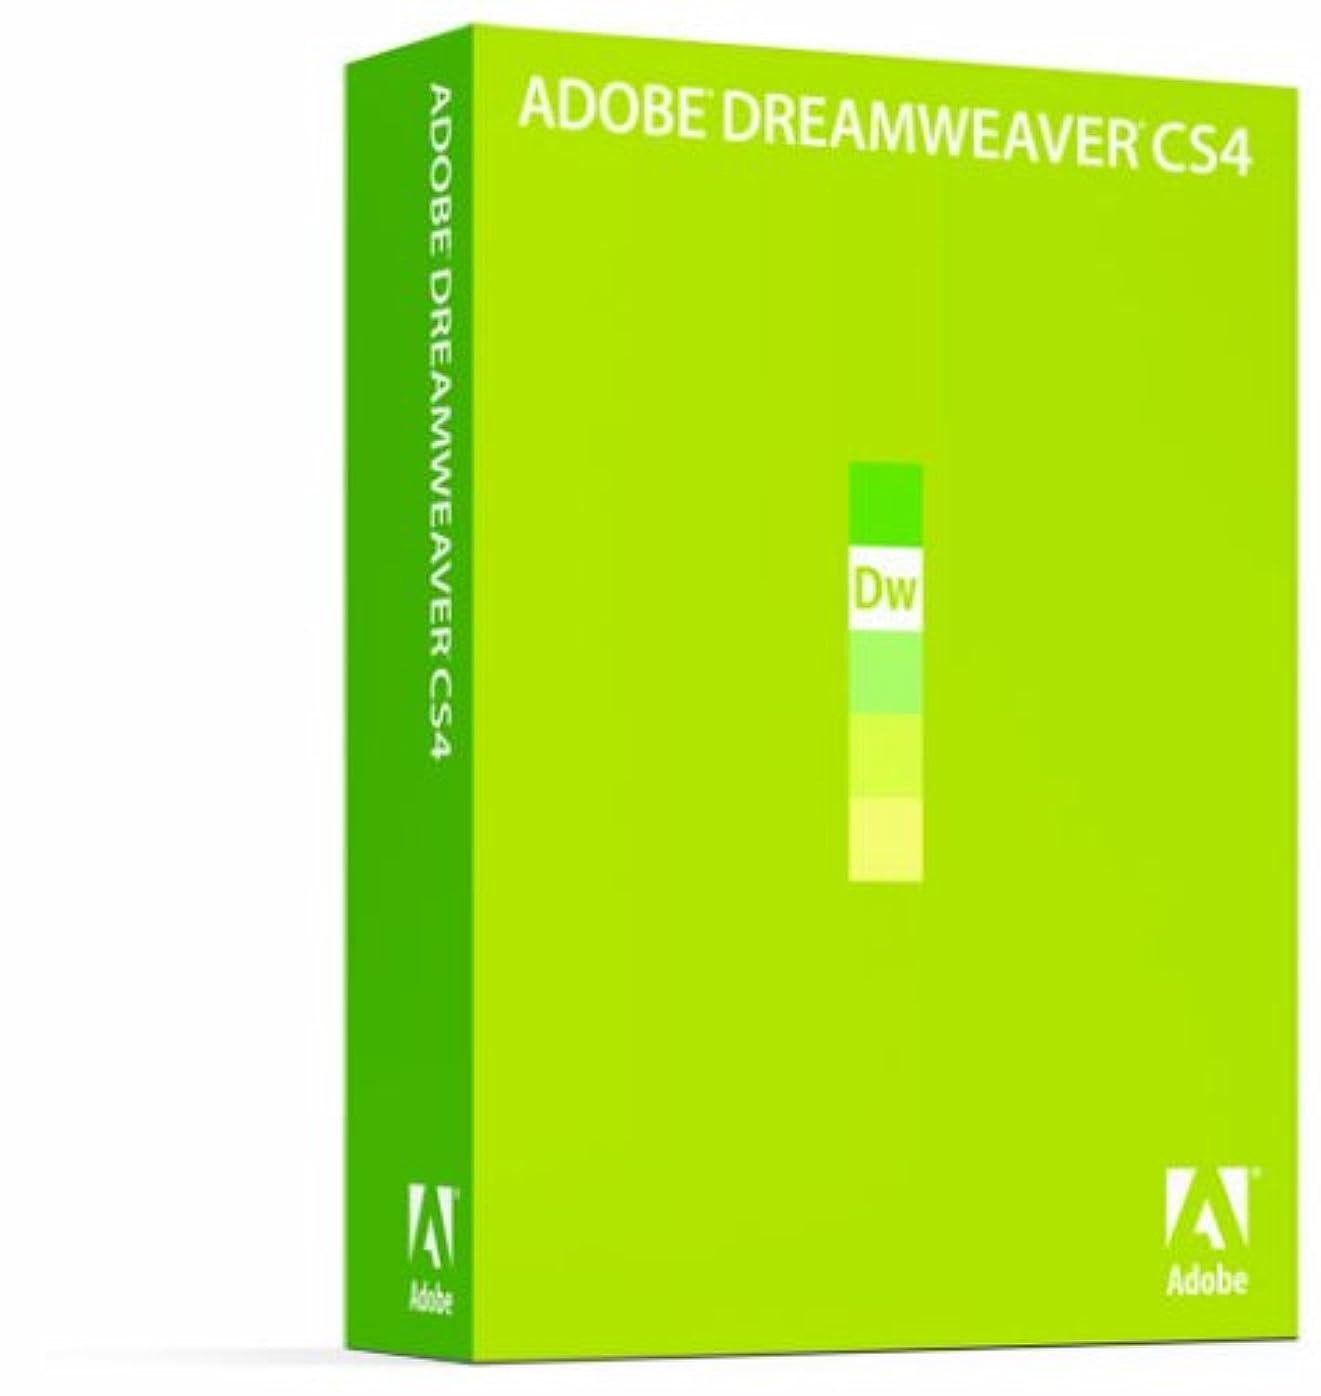 買う経済どんよりしたAdobe Dreamweaver CS4 (V10.0) 日本語版 Windows版 (旧製品)